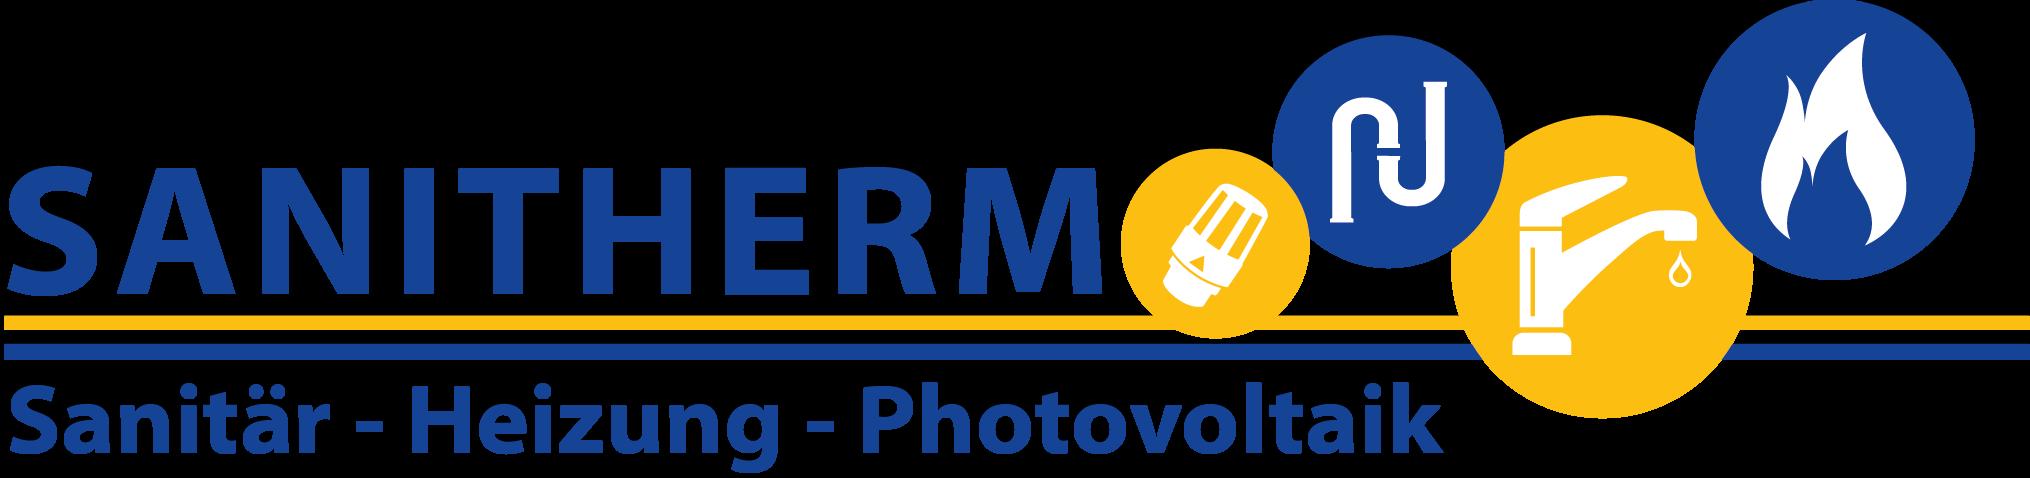 Sanitherm – Heizung – Sanitär – Photovoltaik